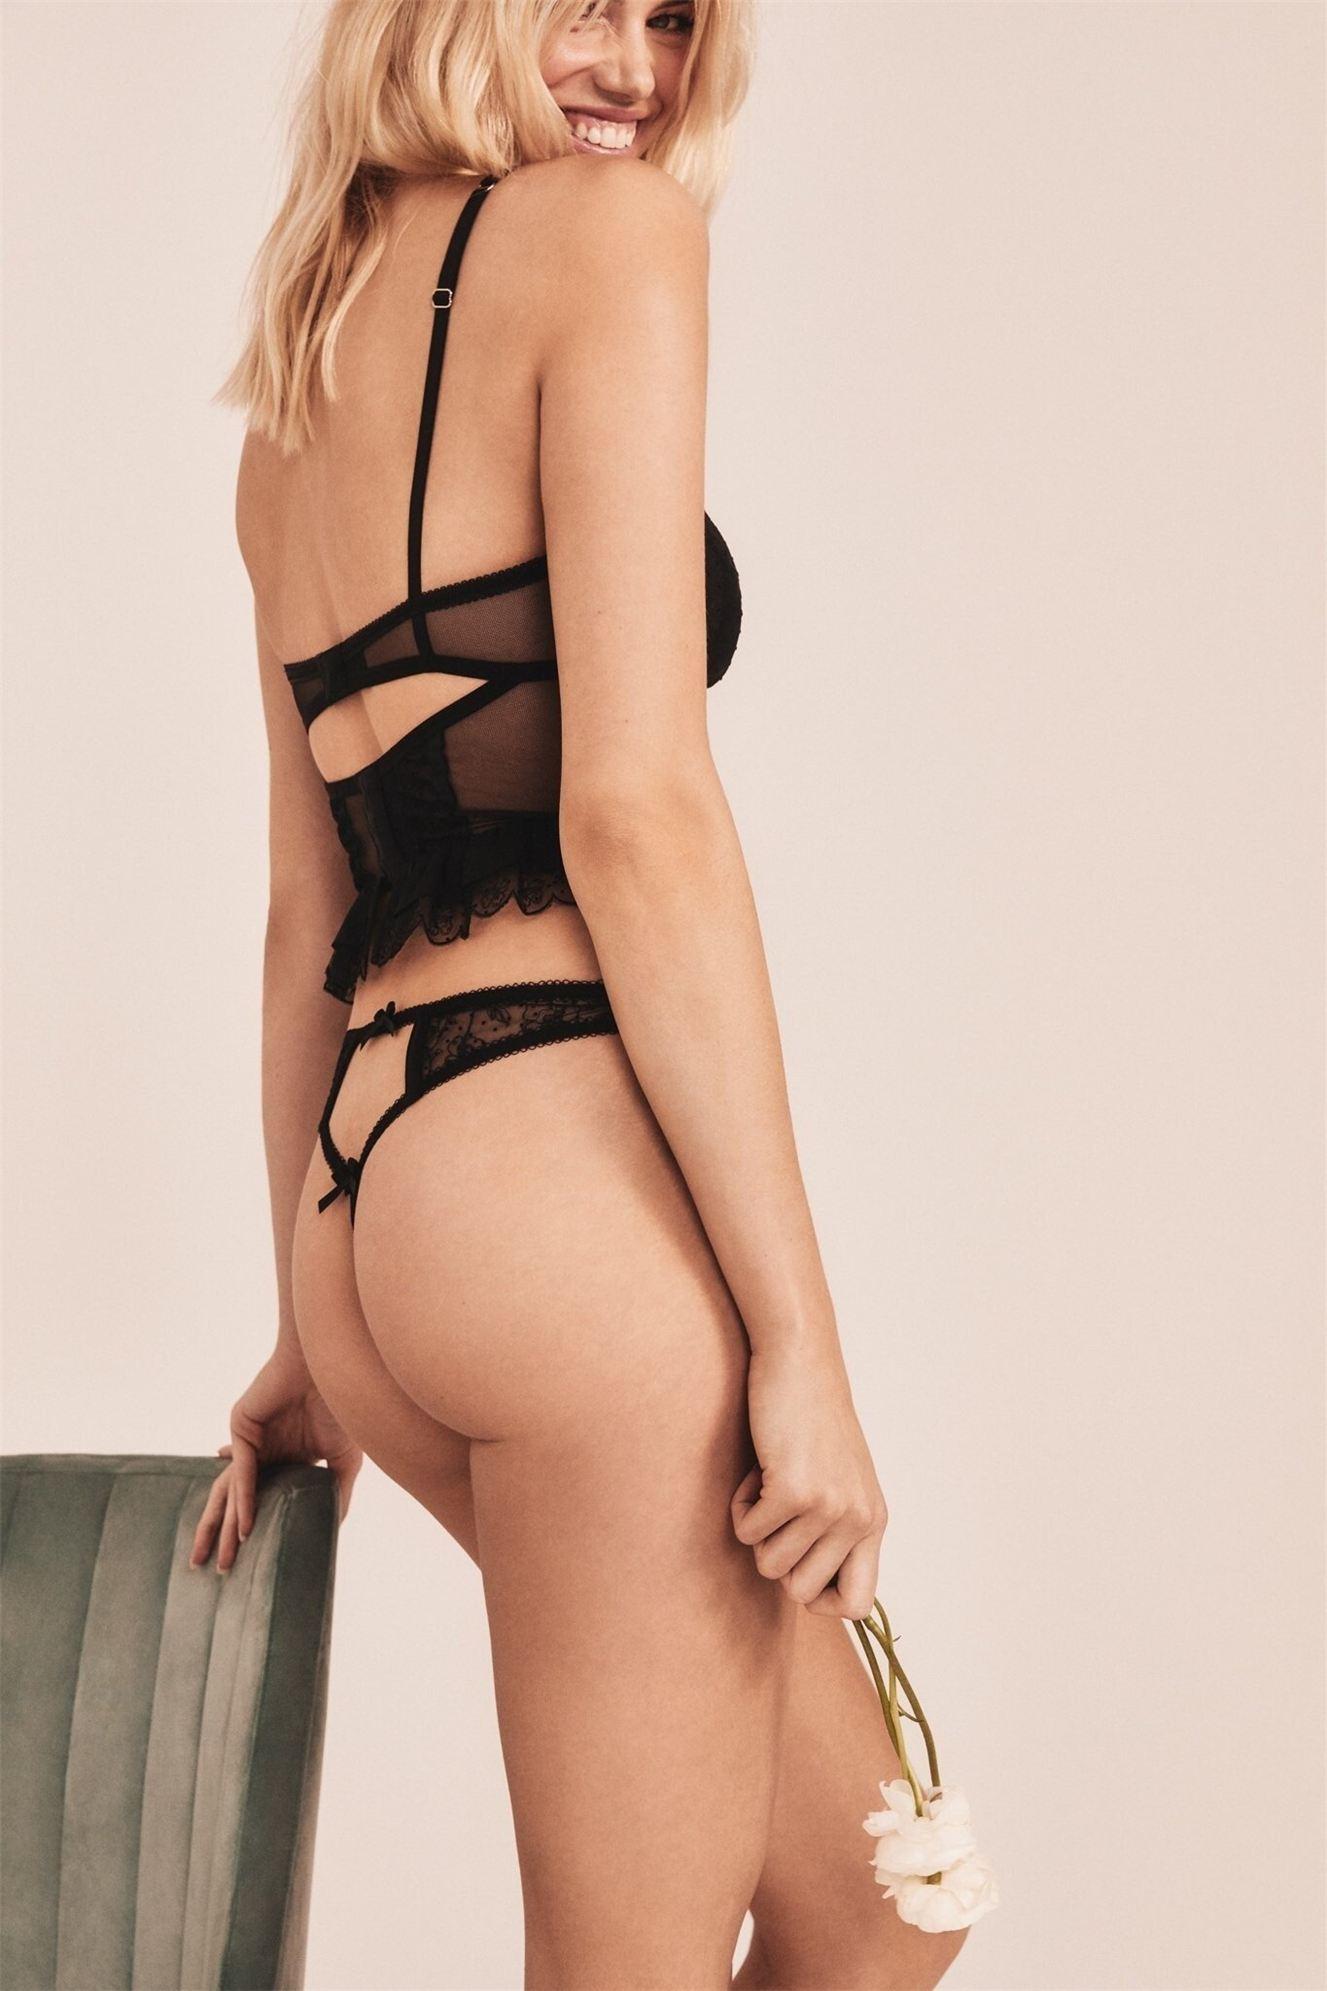 Хейли Клоусон в новой модной коллекции нижнего белья / фото 08